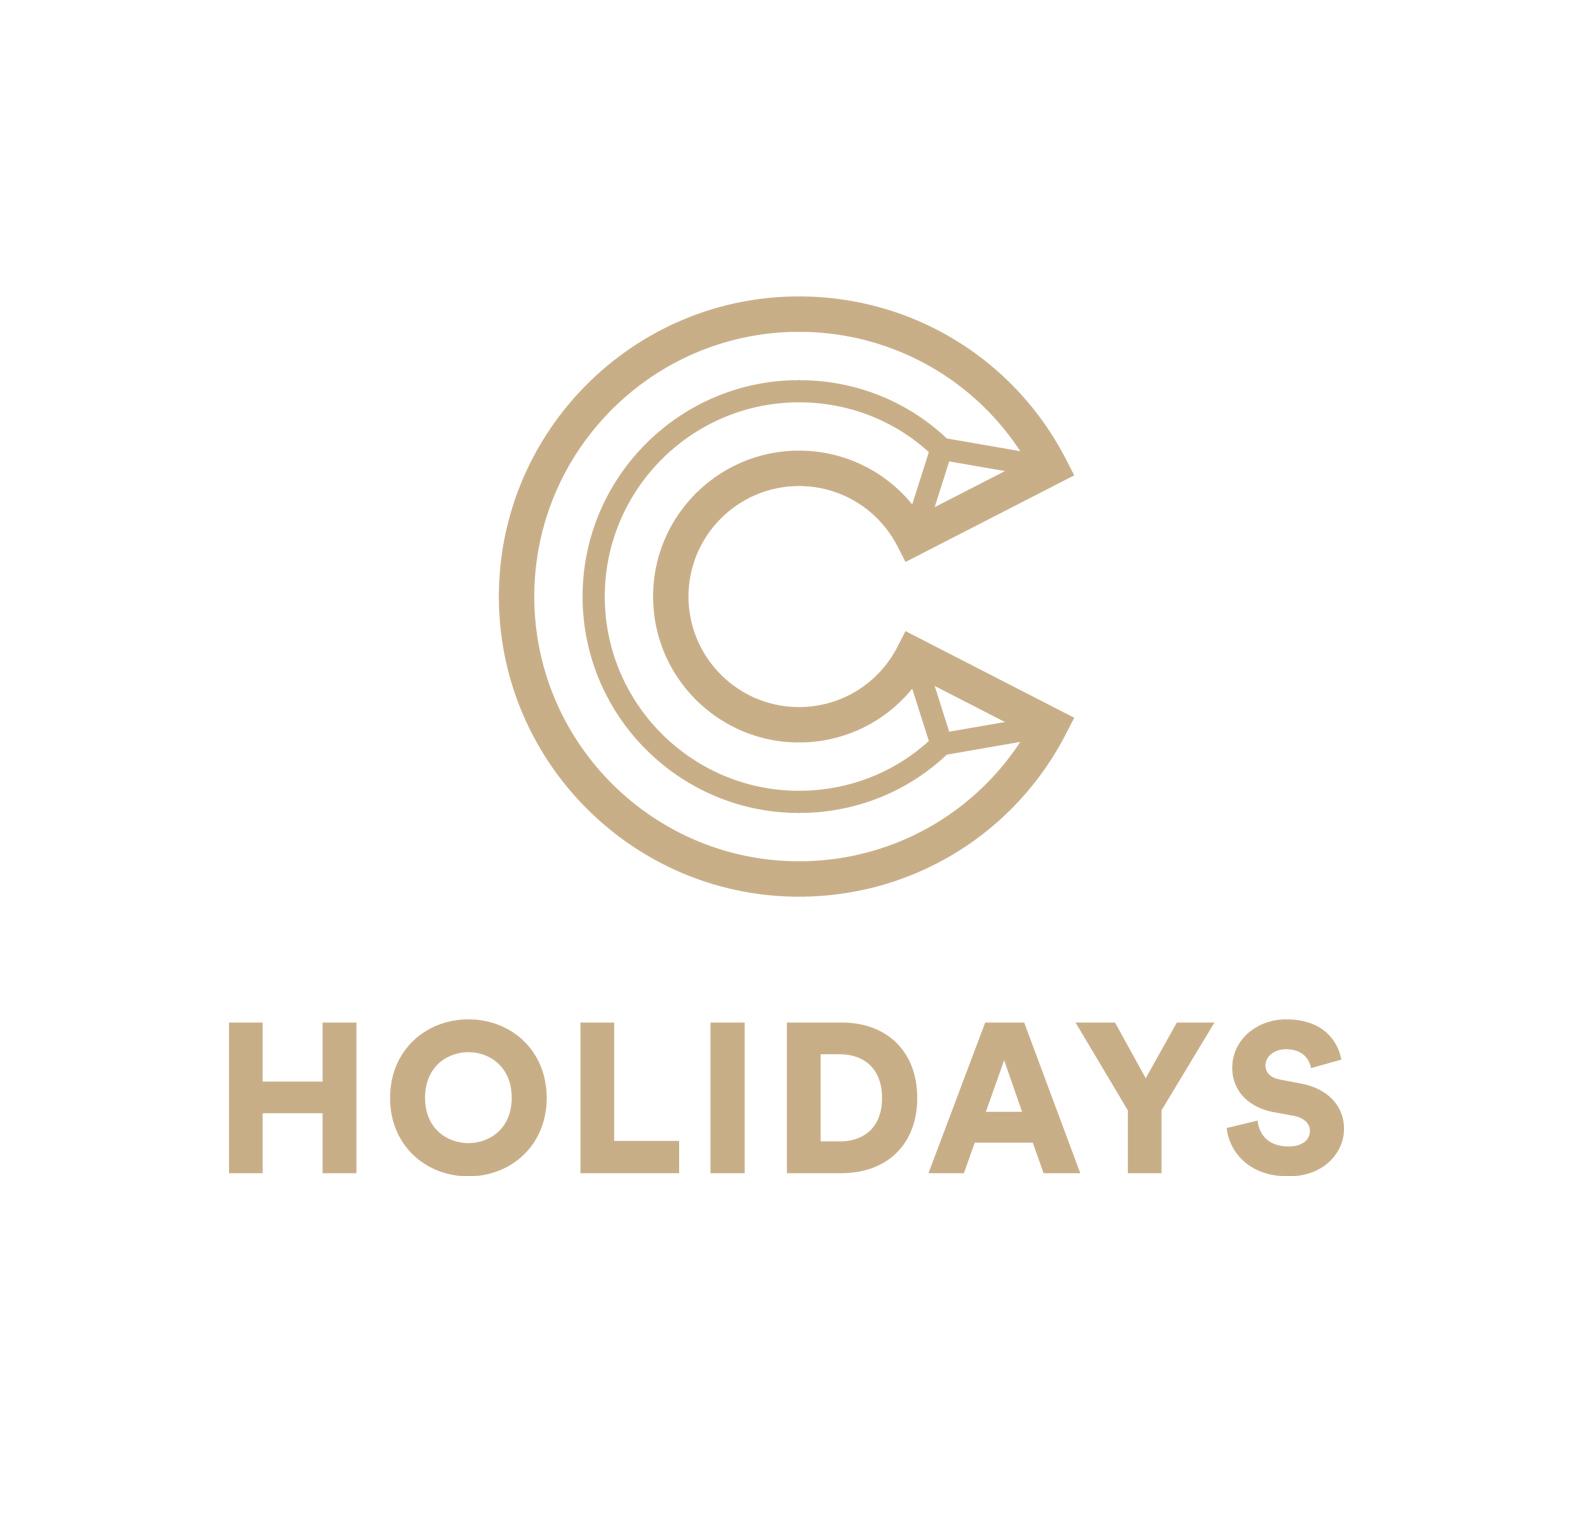 C-Holidays